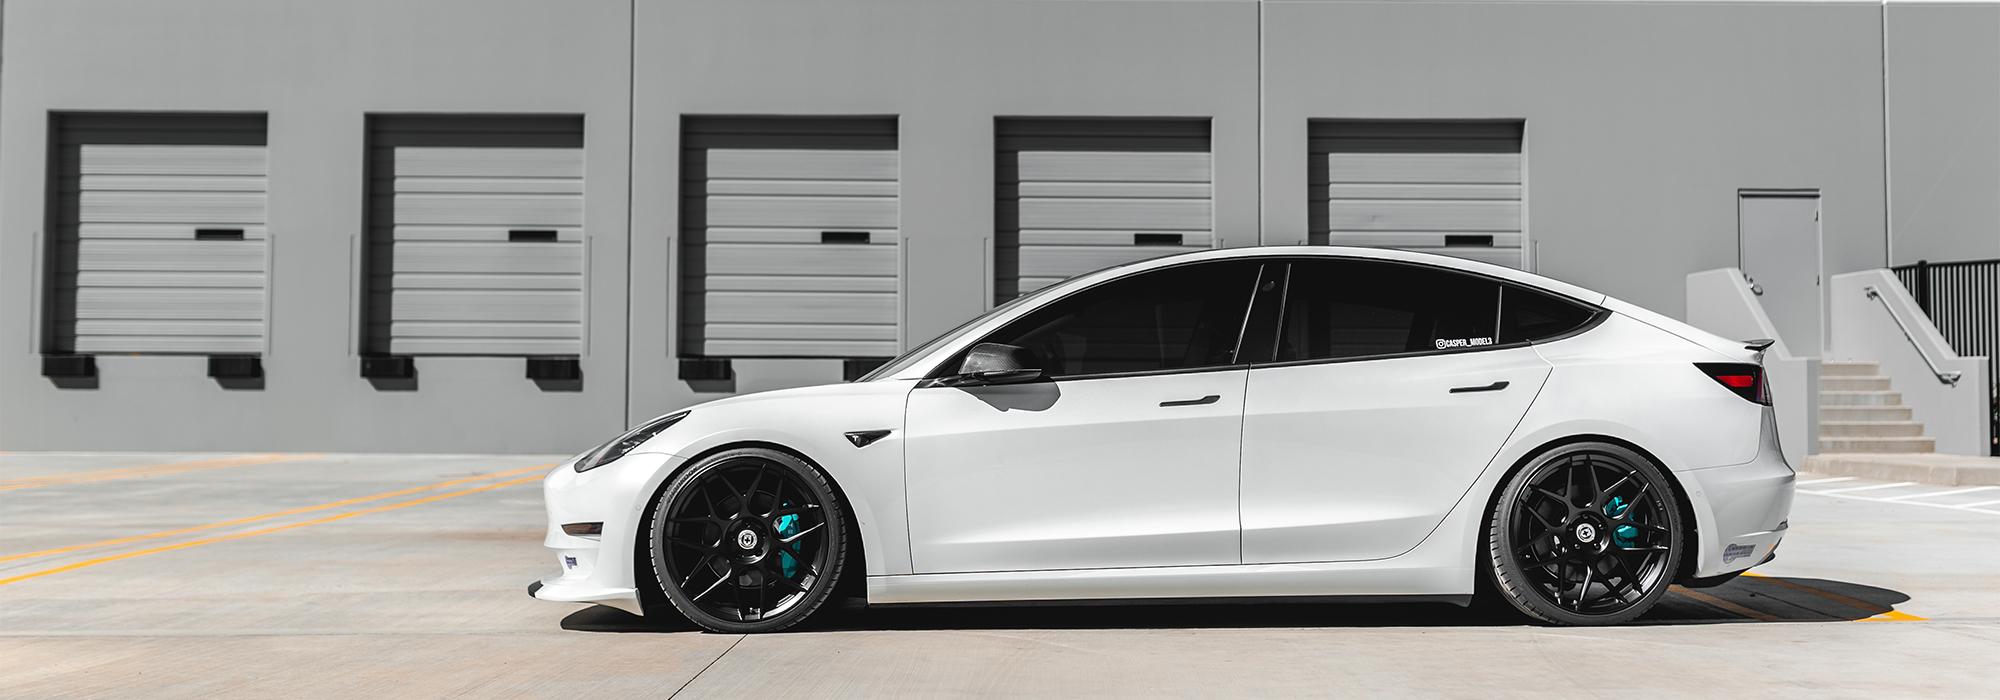 Tesla Model 3, air suspension, HRE FF01, Carbon Fiber, ModBargains